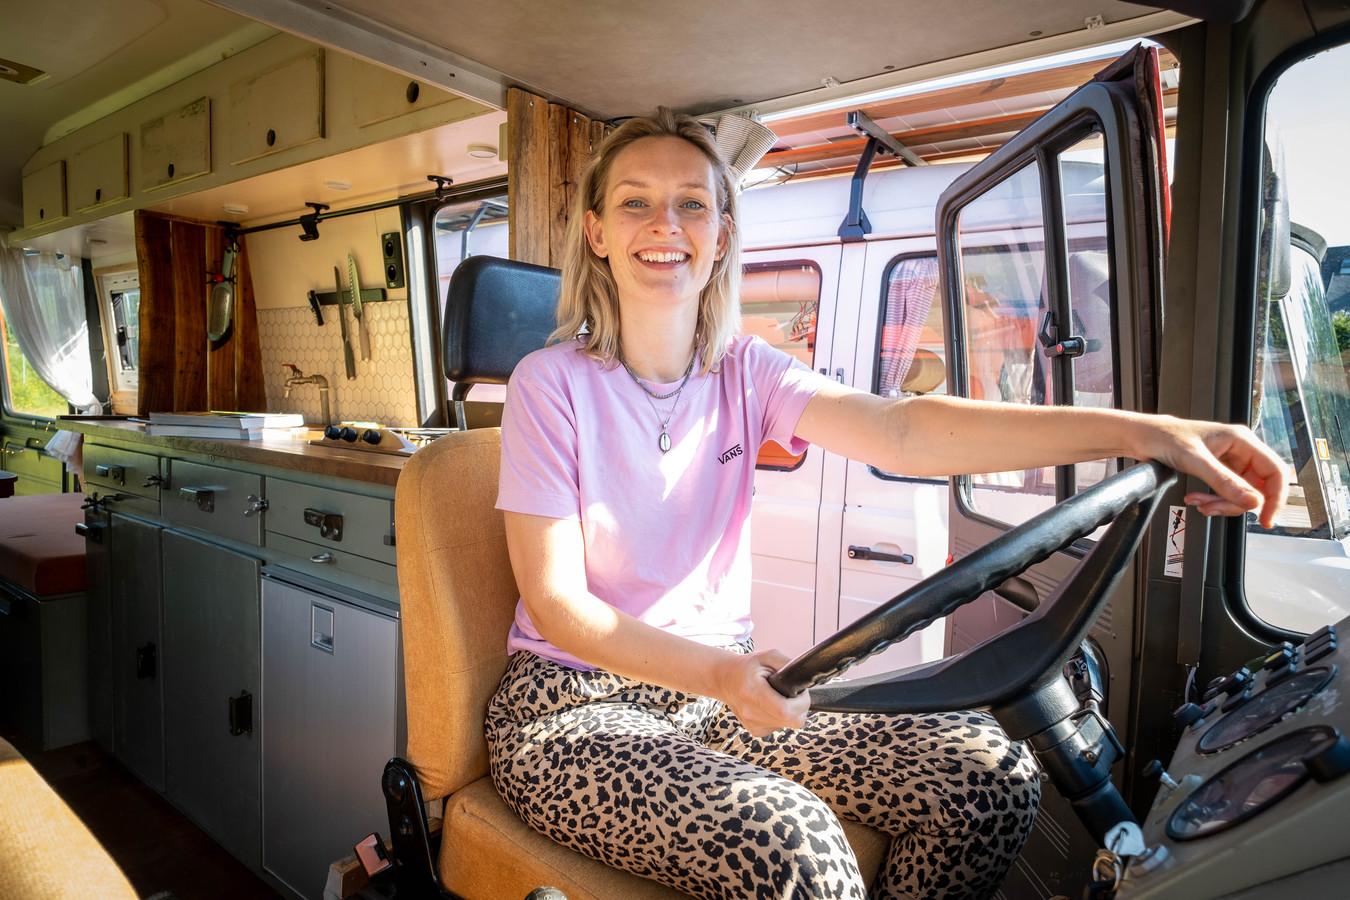 Lore achter het stuur van een van de busjes van Wildeweg